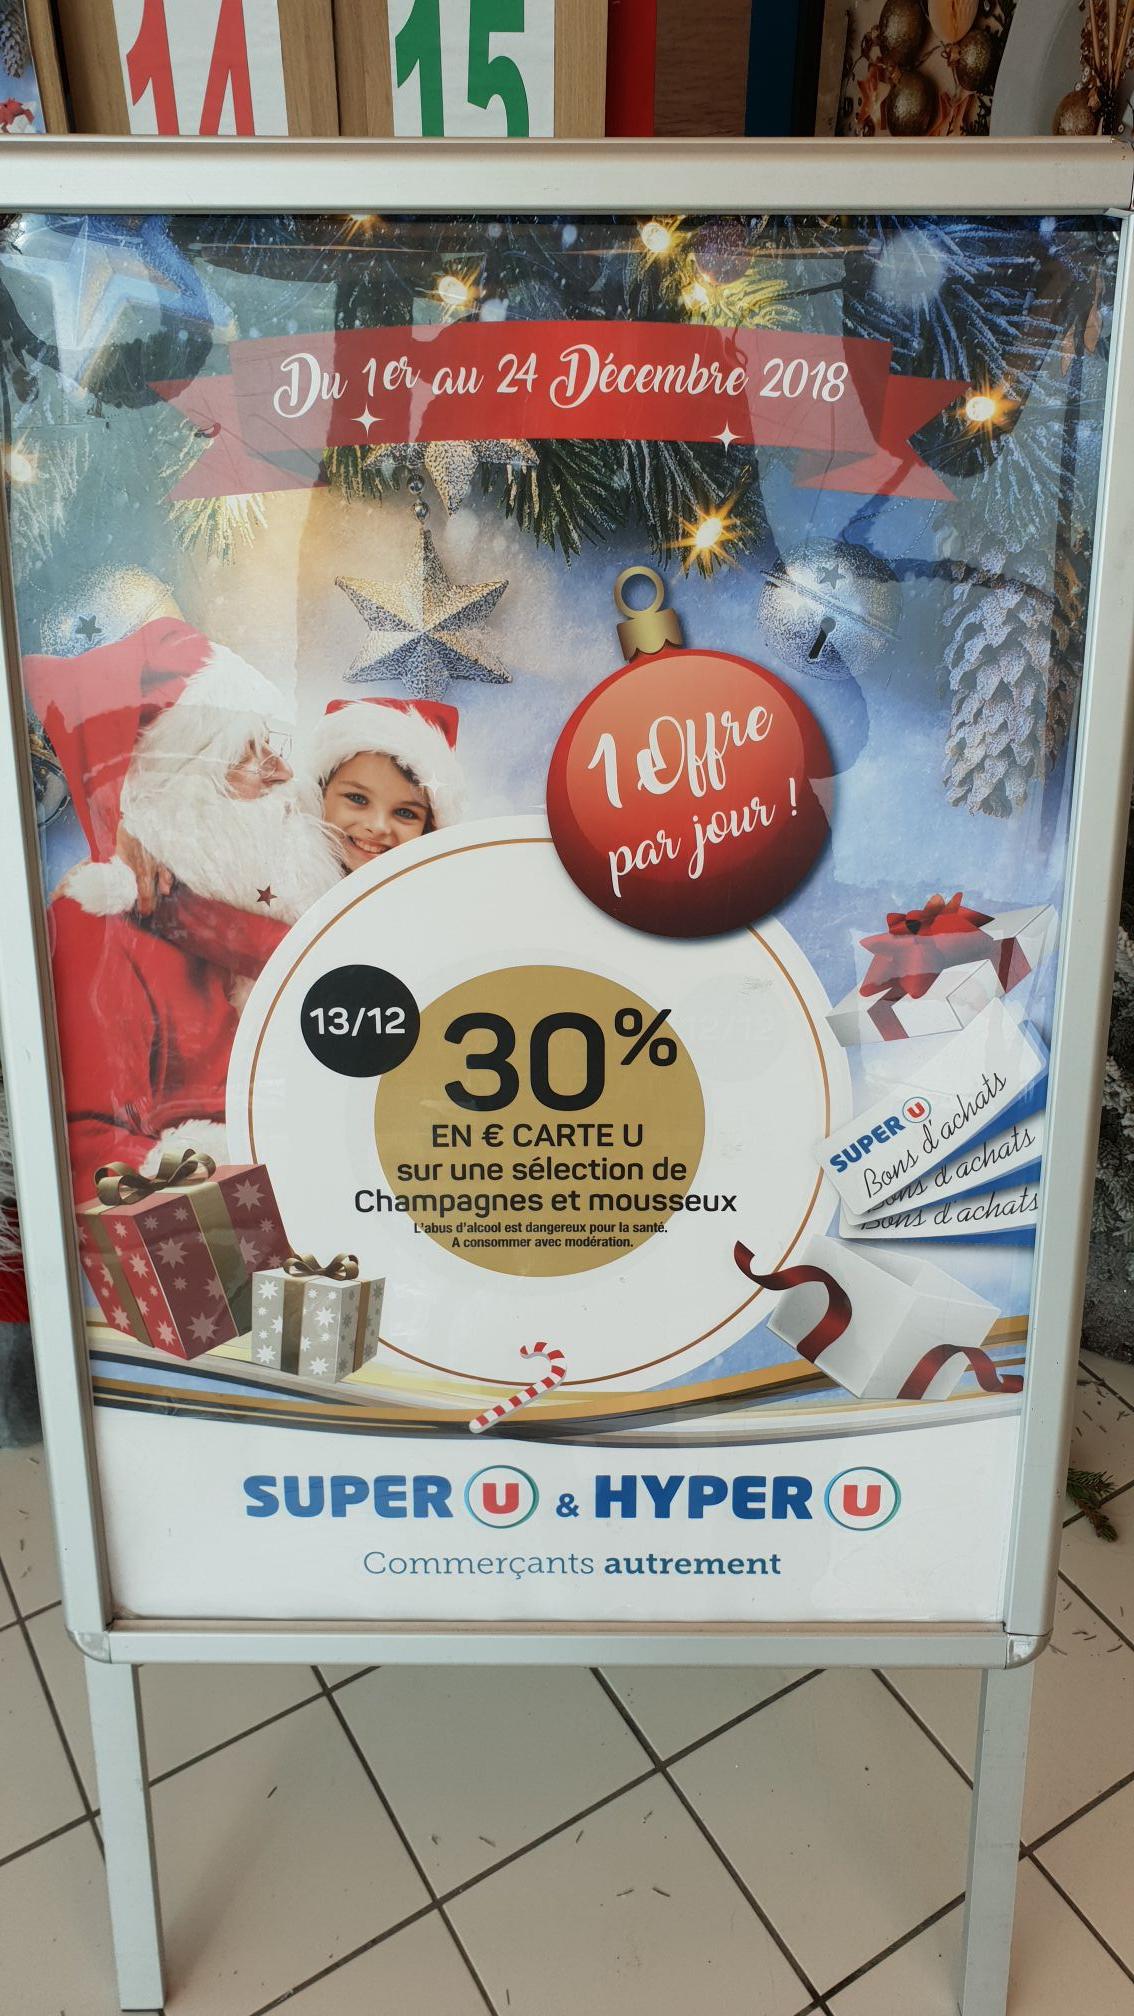 30% en Euros Carte U sur une sélection de champagnes et mousseux